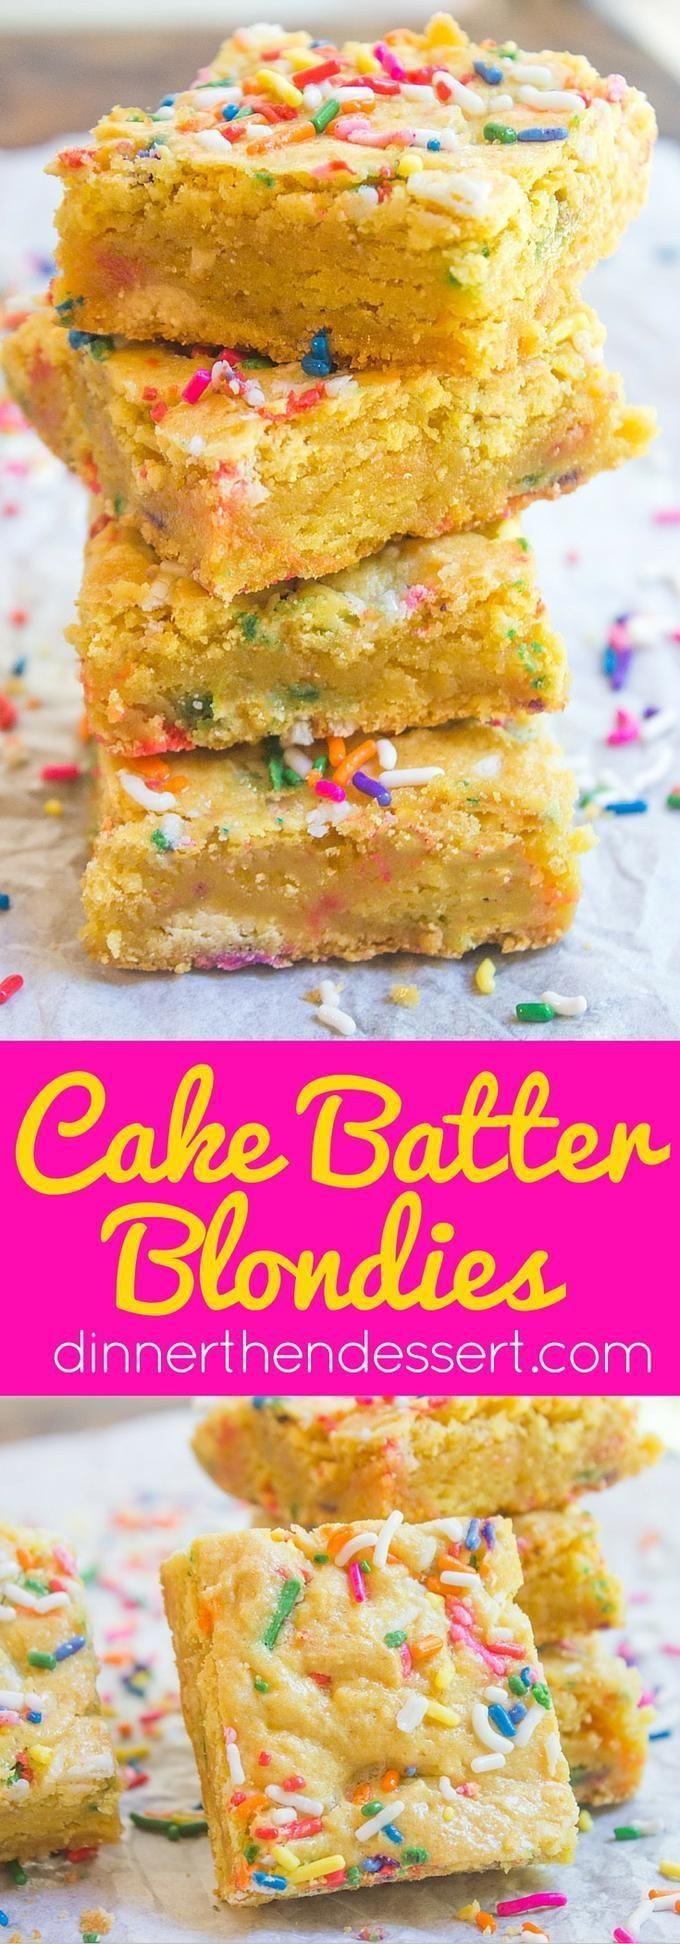 Cake Batter Blondies mit allen Aromen Ihrer Lieblingsgeburtstagstorte ohne ... -